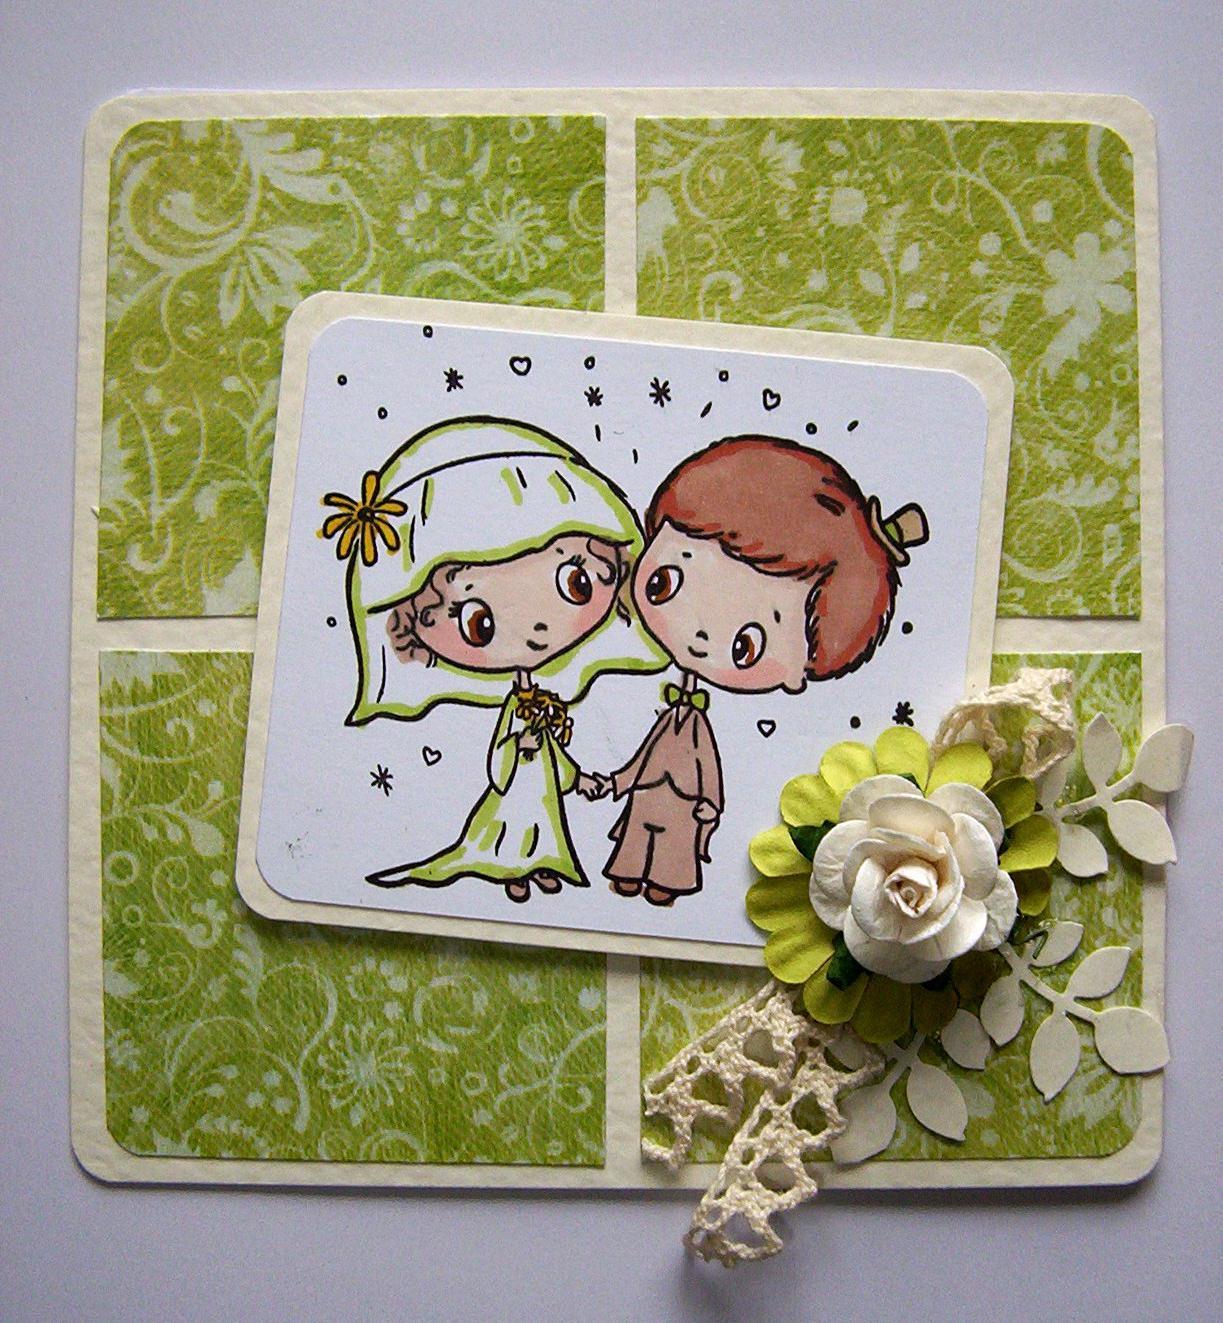 Sharing a Wedding Day card